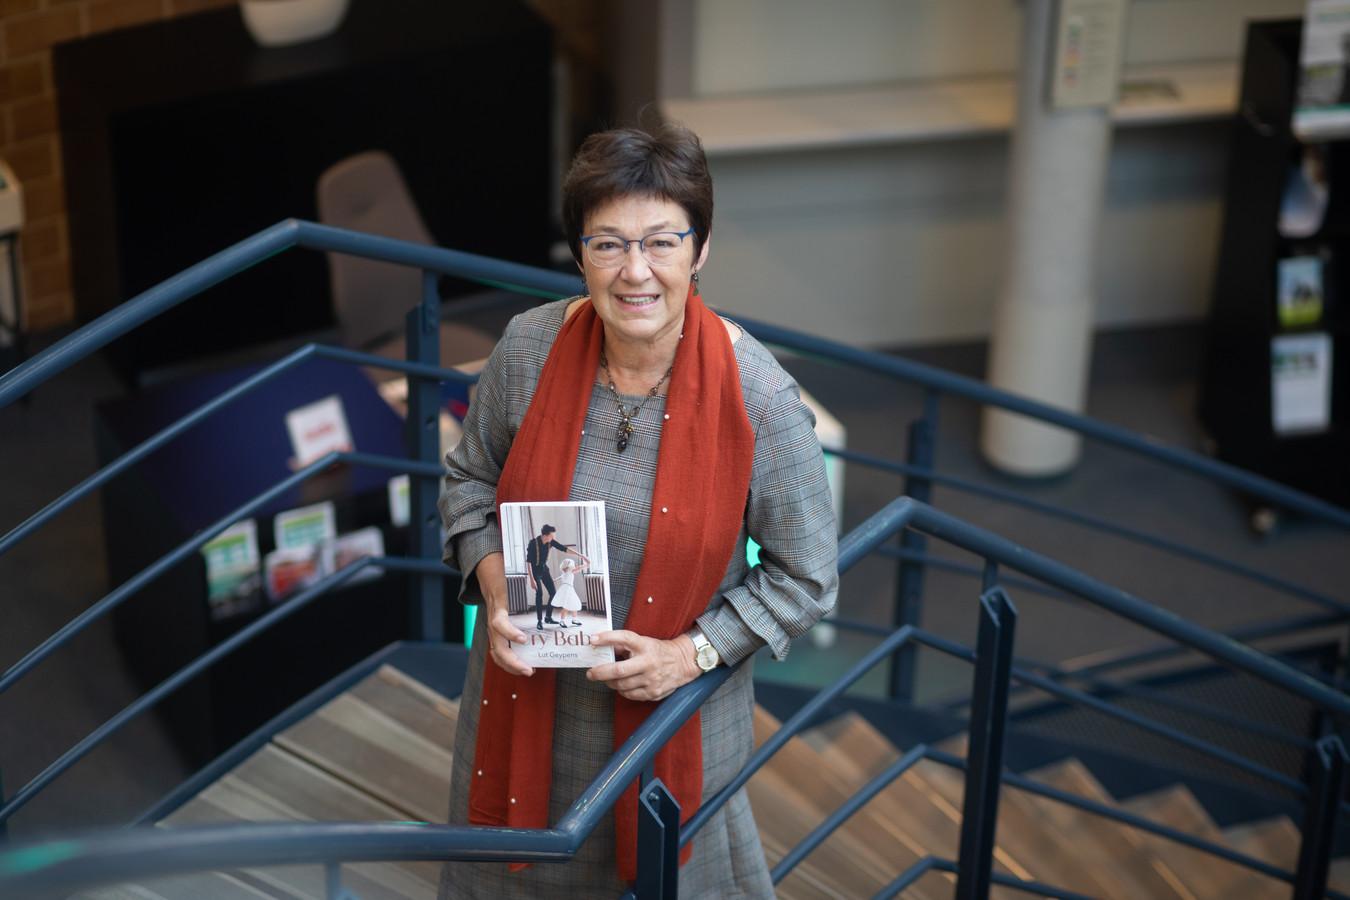 Lut Geypens, bibliothecaris in Beringen, schreef het boek 'Cry Baby'.